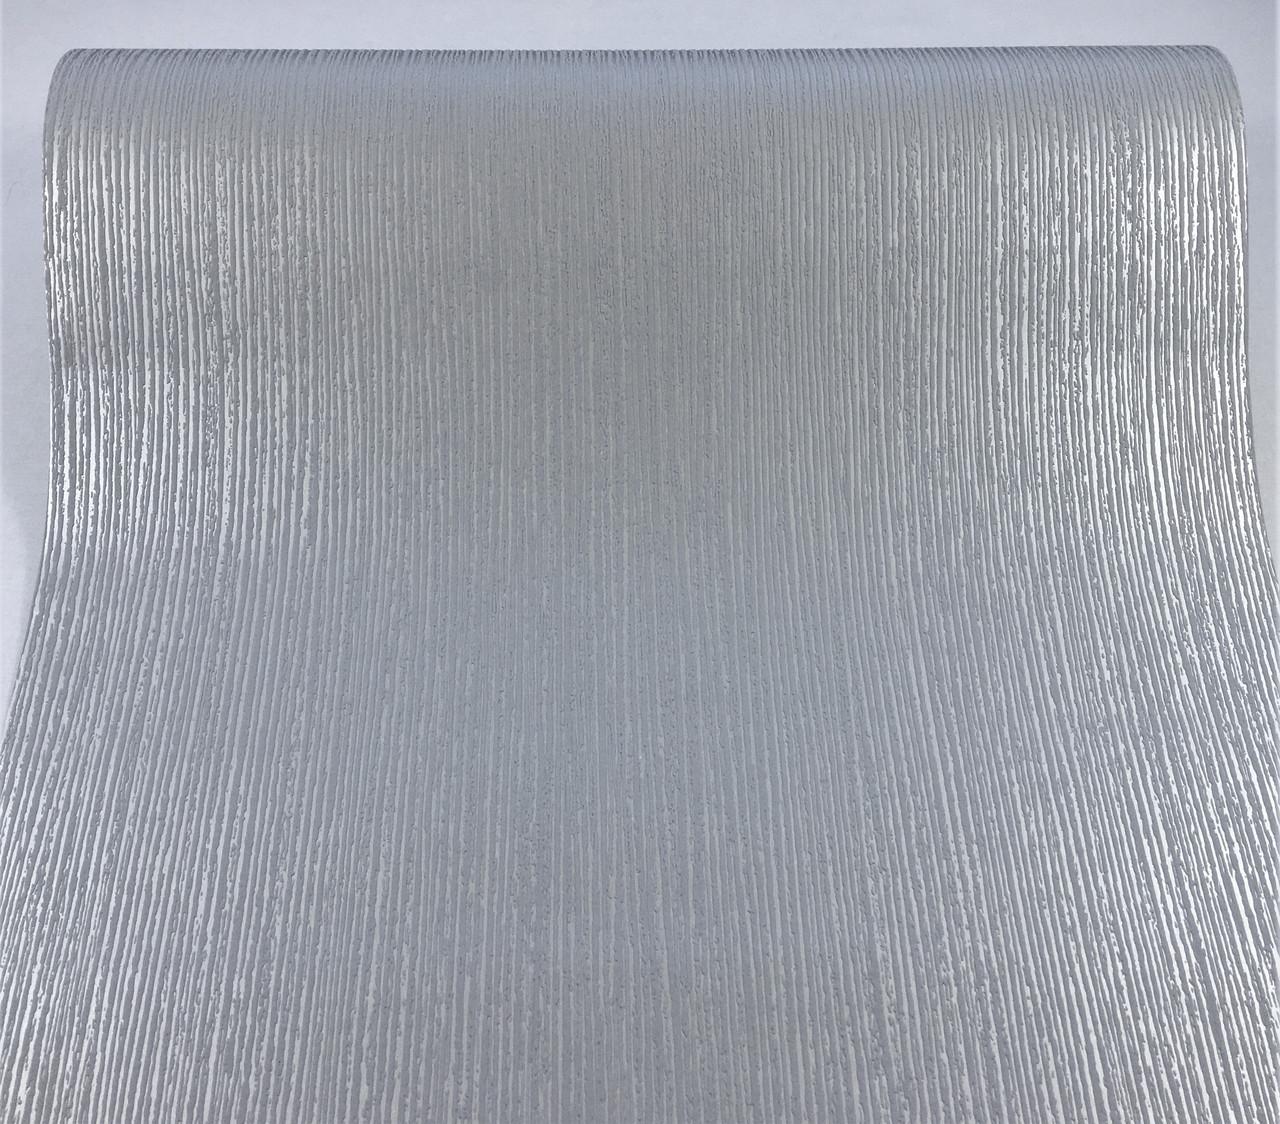 Фактурные немецкие однотонные обои 292568, серого цвета с металлизированными прожилками